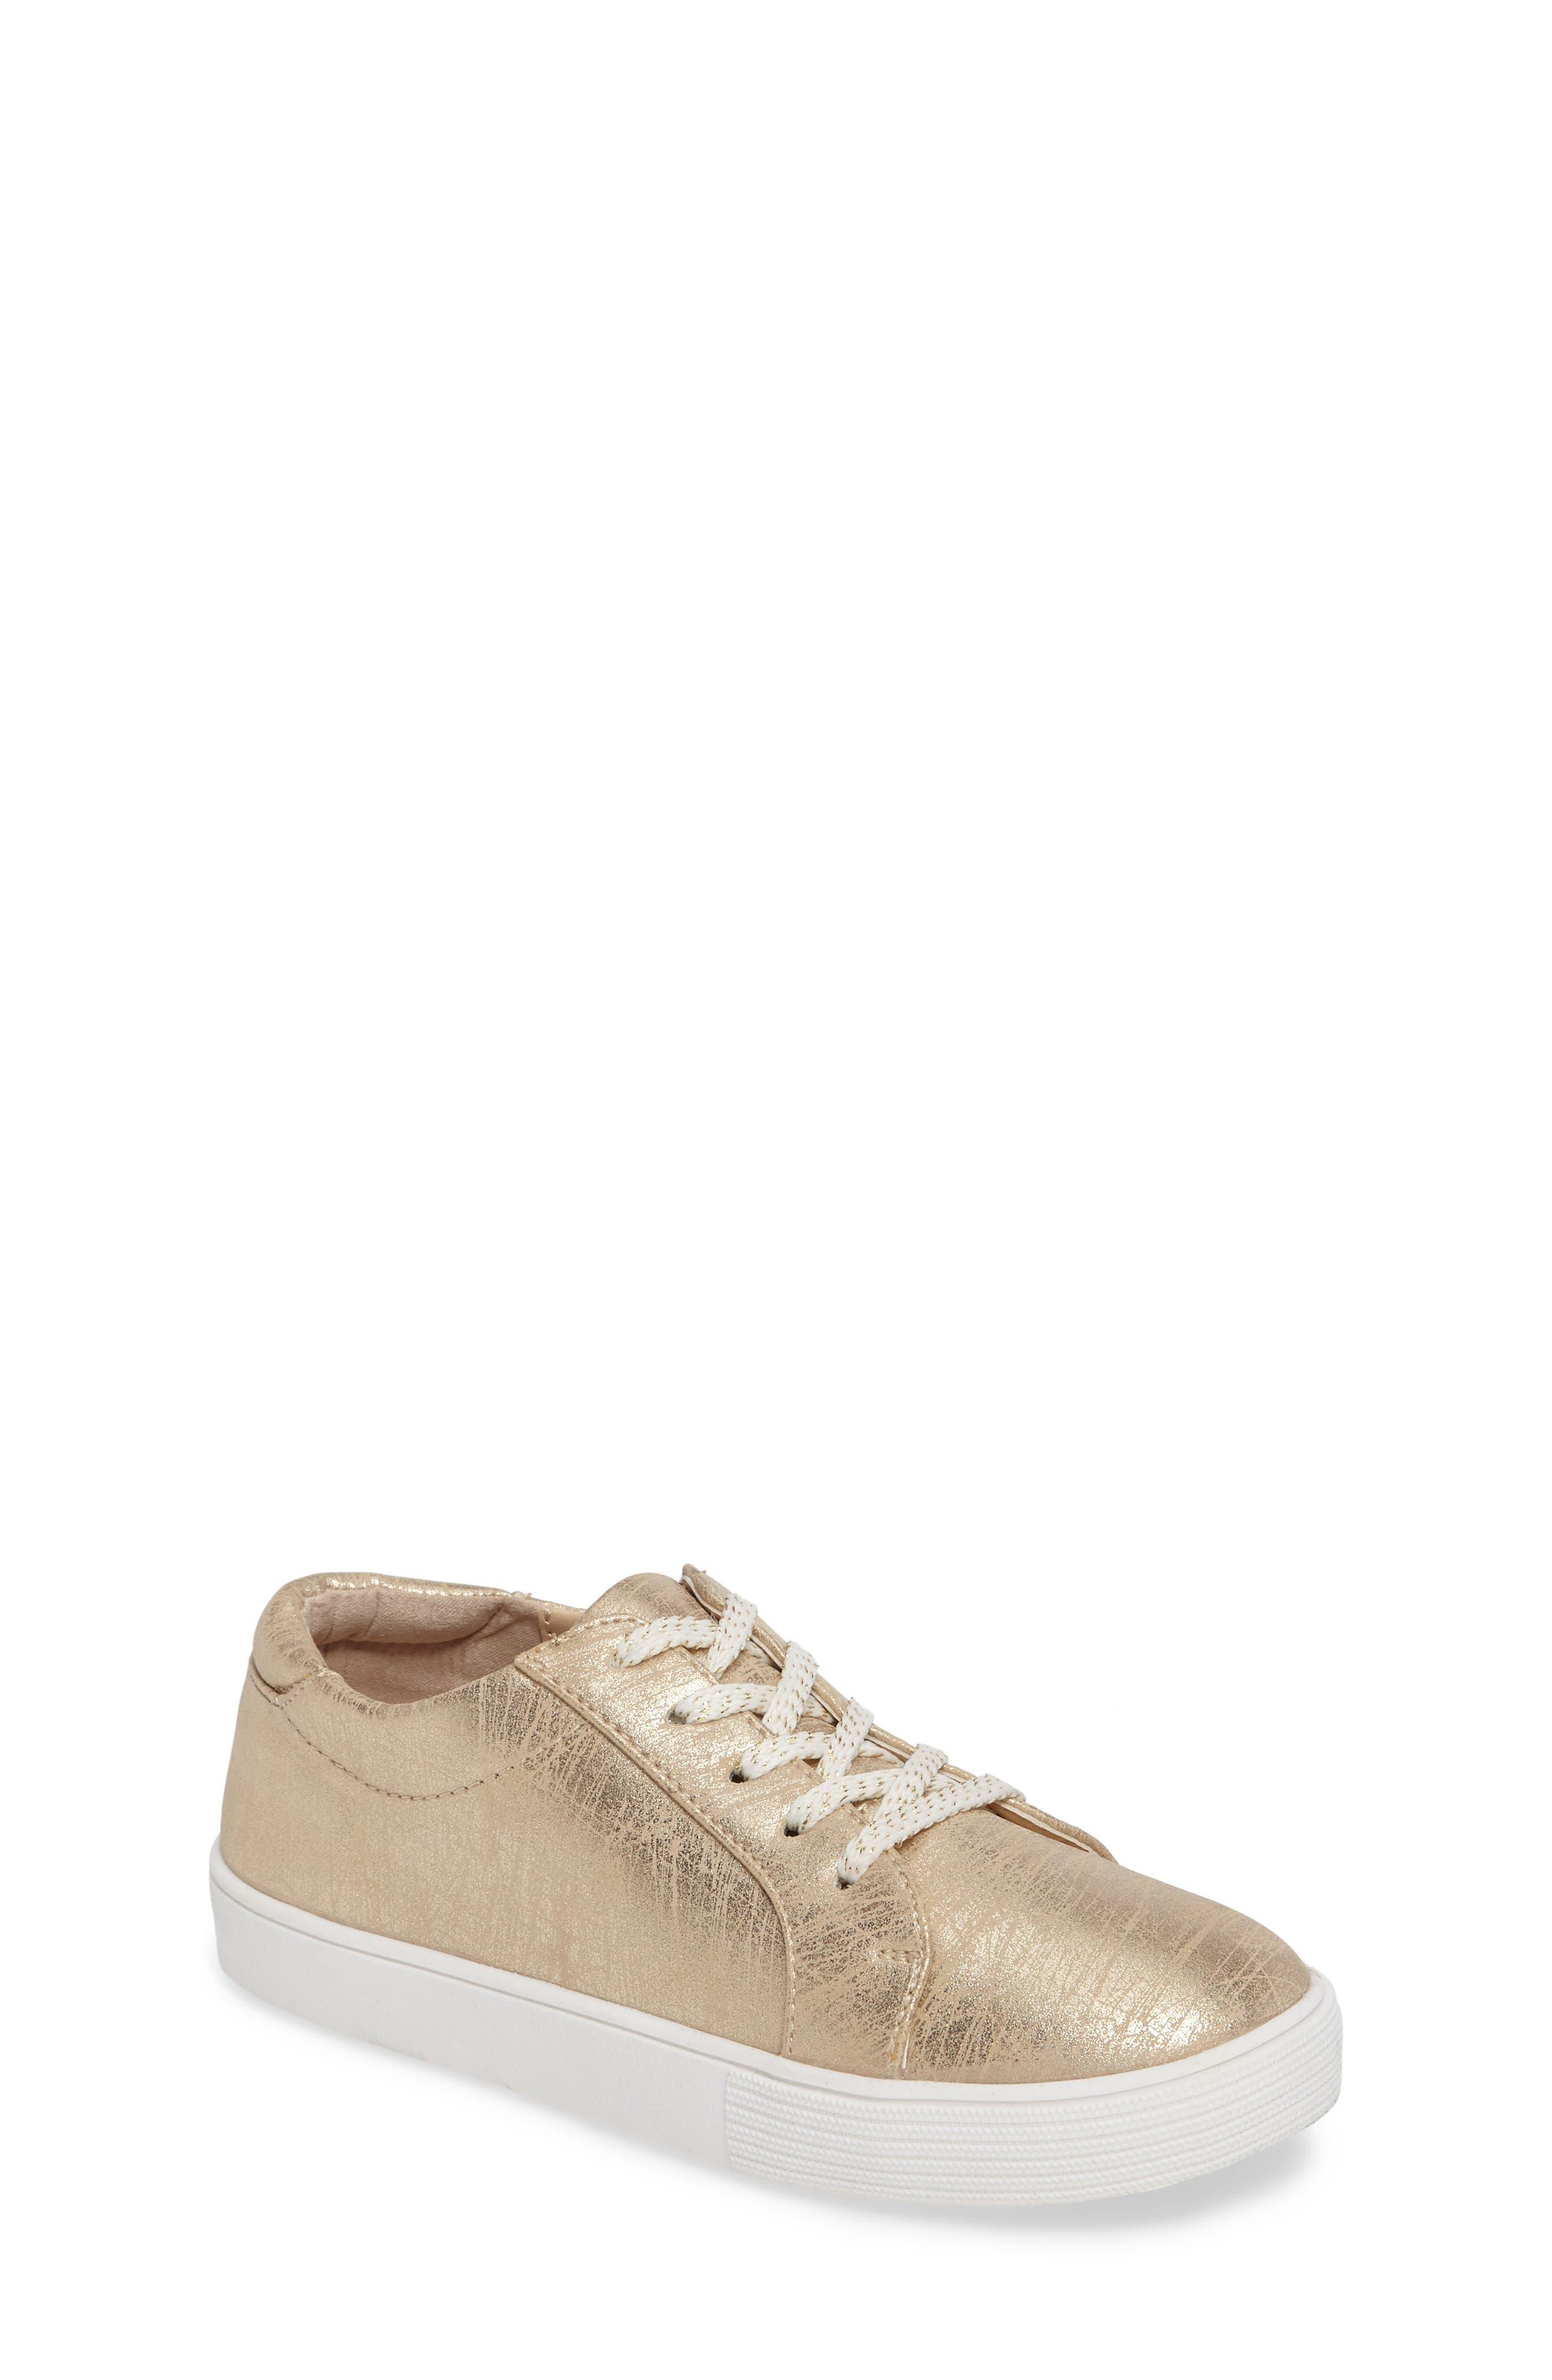 Kam Elastic Sneaker,                         Main,                         color, Gold Brushed